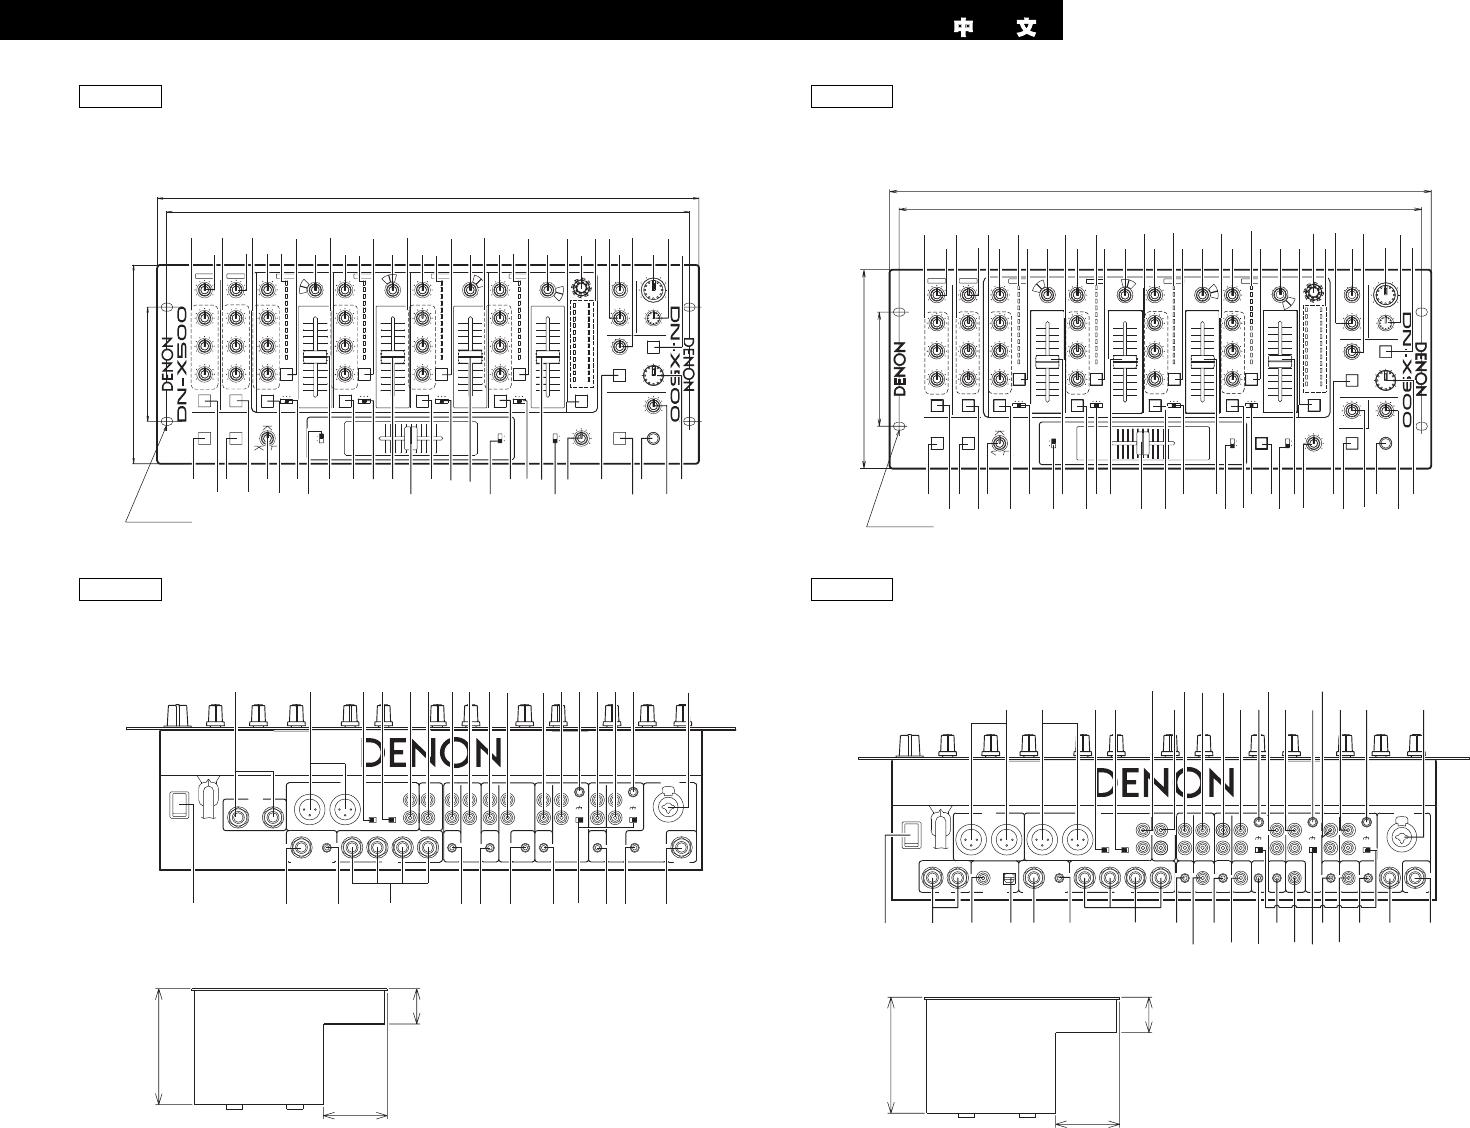 Bedienungsanleitung Denon DN-X500 (Seite 1 von 63) (Deutsch